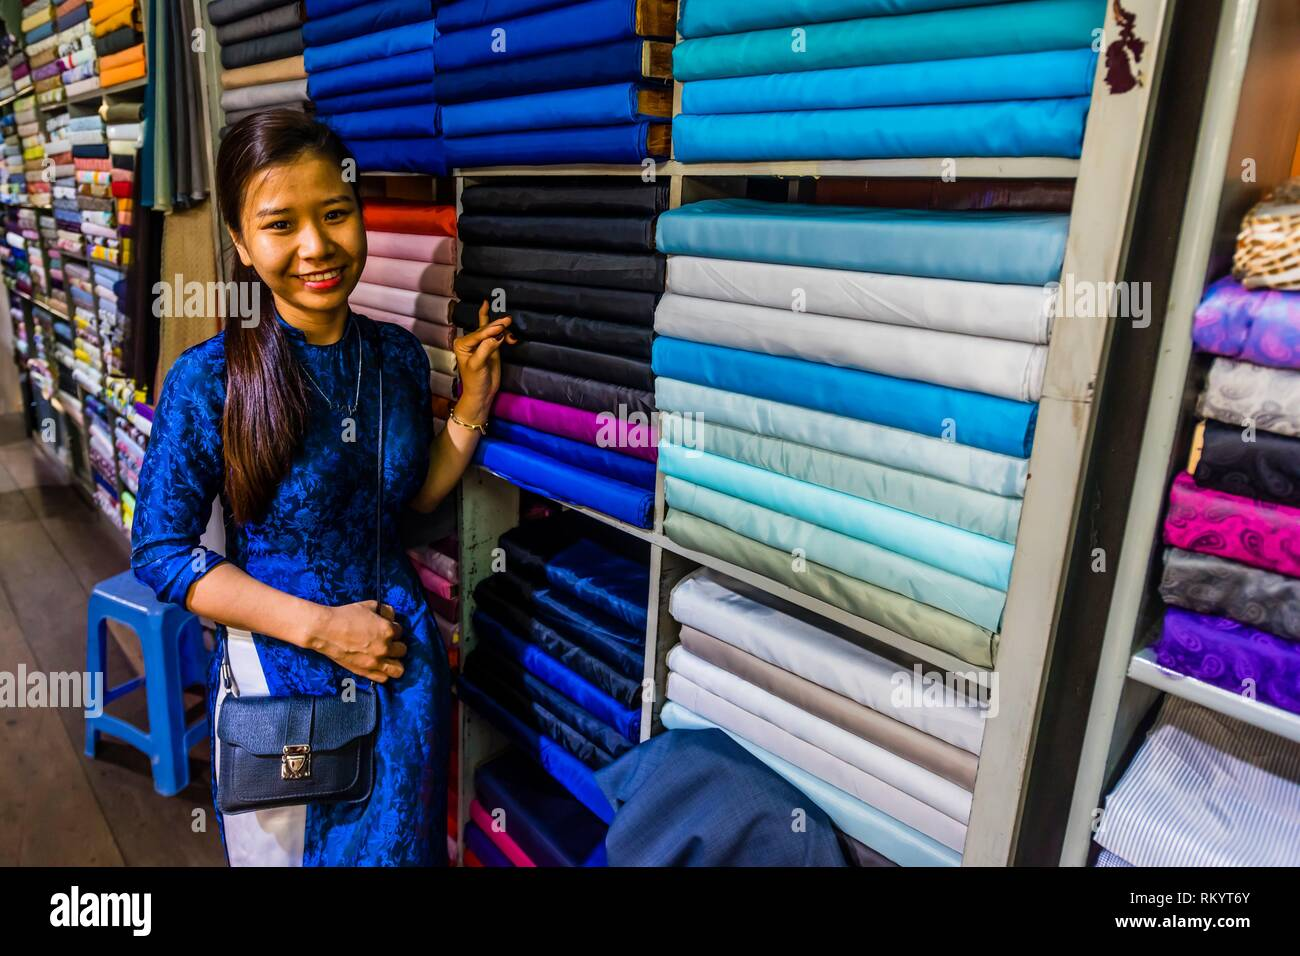 Le choix de tissu de l'intérieur du veston, Yaly Couture, la plus prestigieuse sur mesure sur mesure et shoemaker à Hoi An, au Vietnam. Photo Stock